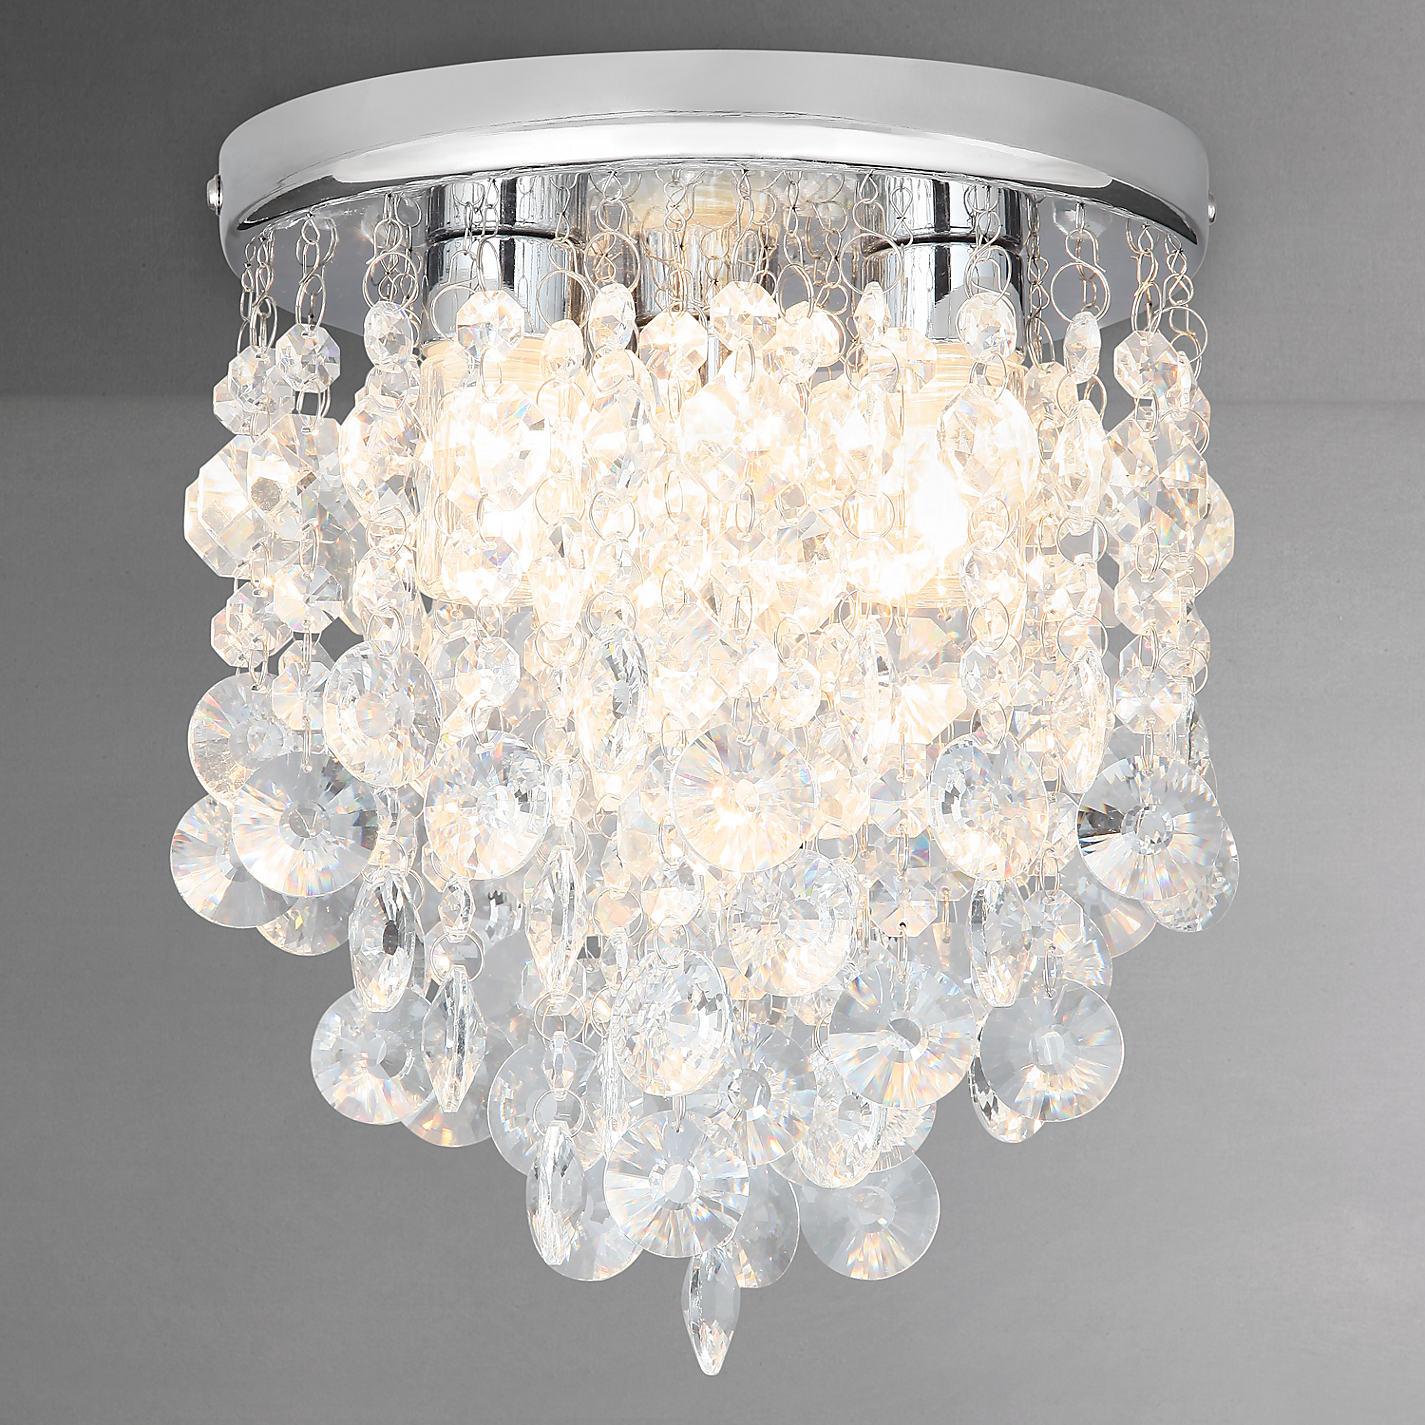 Buy John Lewis Katelyn Crystal Bathroom Flush Ceiling Light